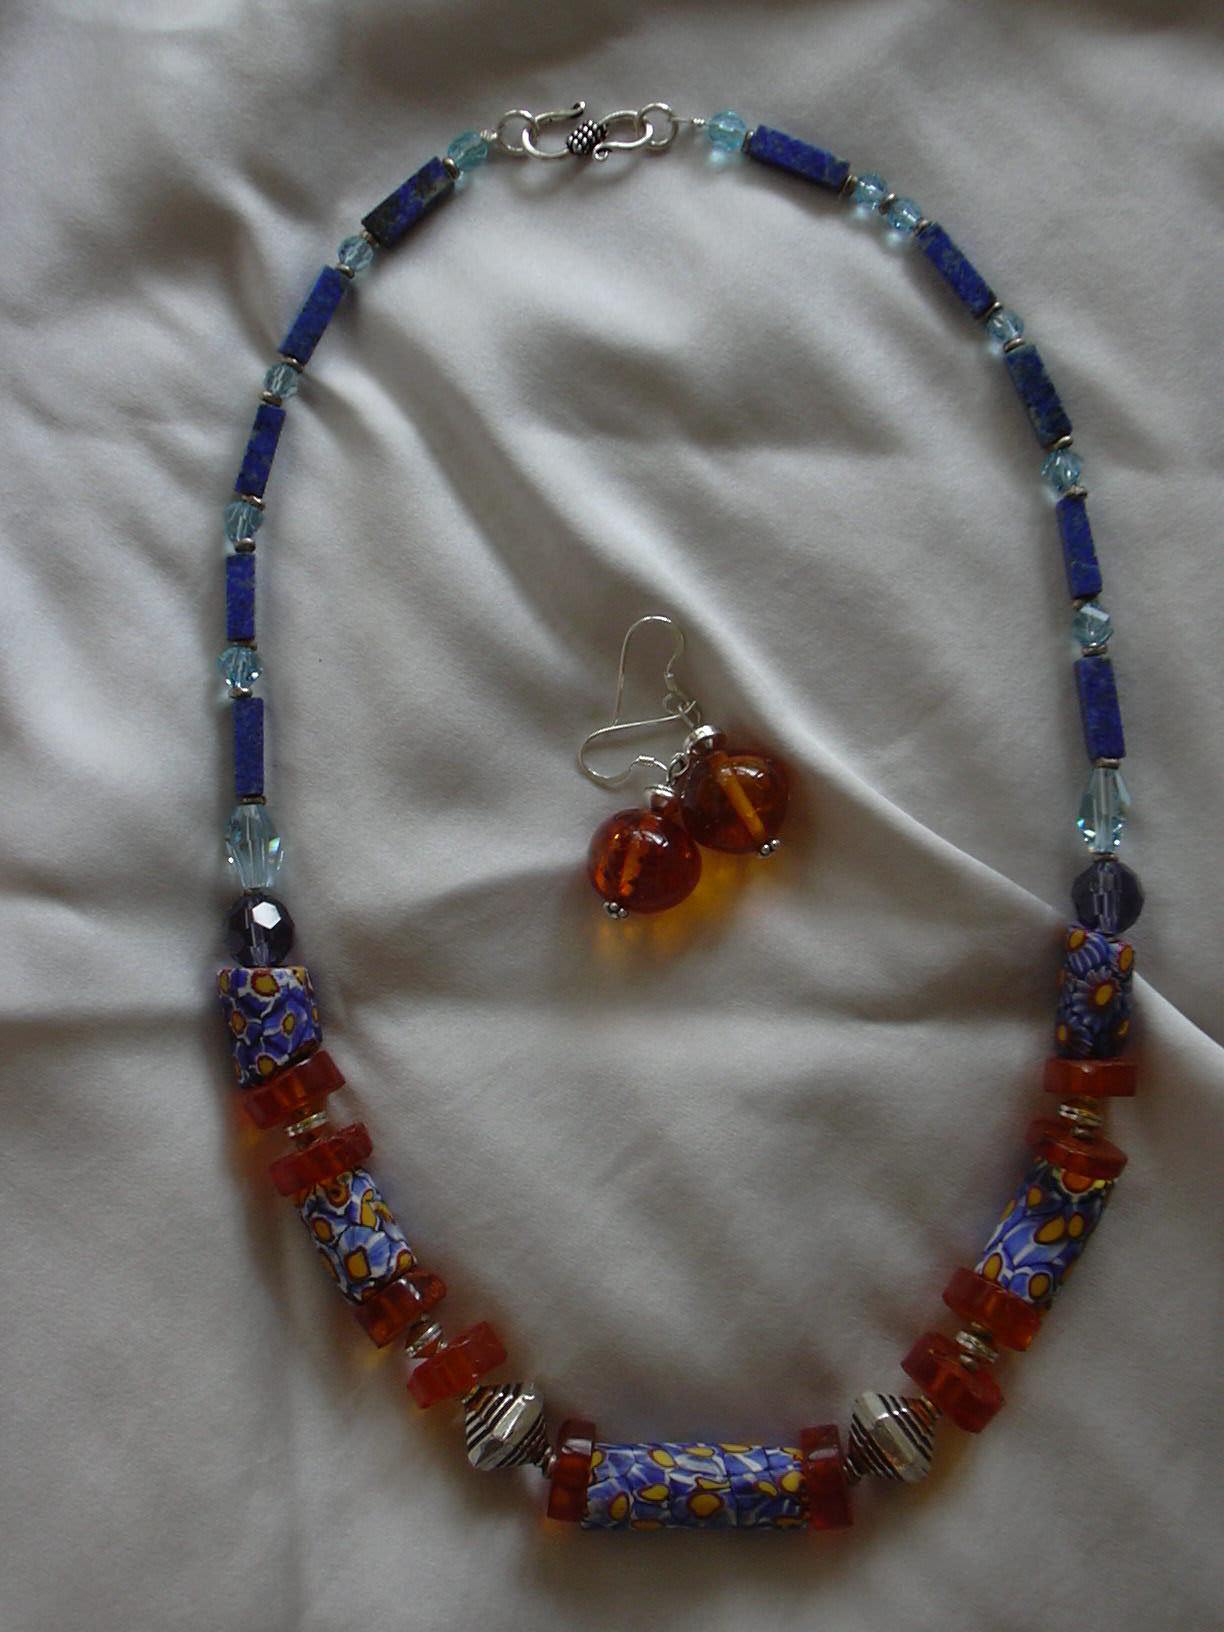 Бусы из Trade Beads с янтарем и серебром. Поделки из природного материала